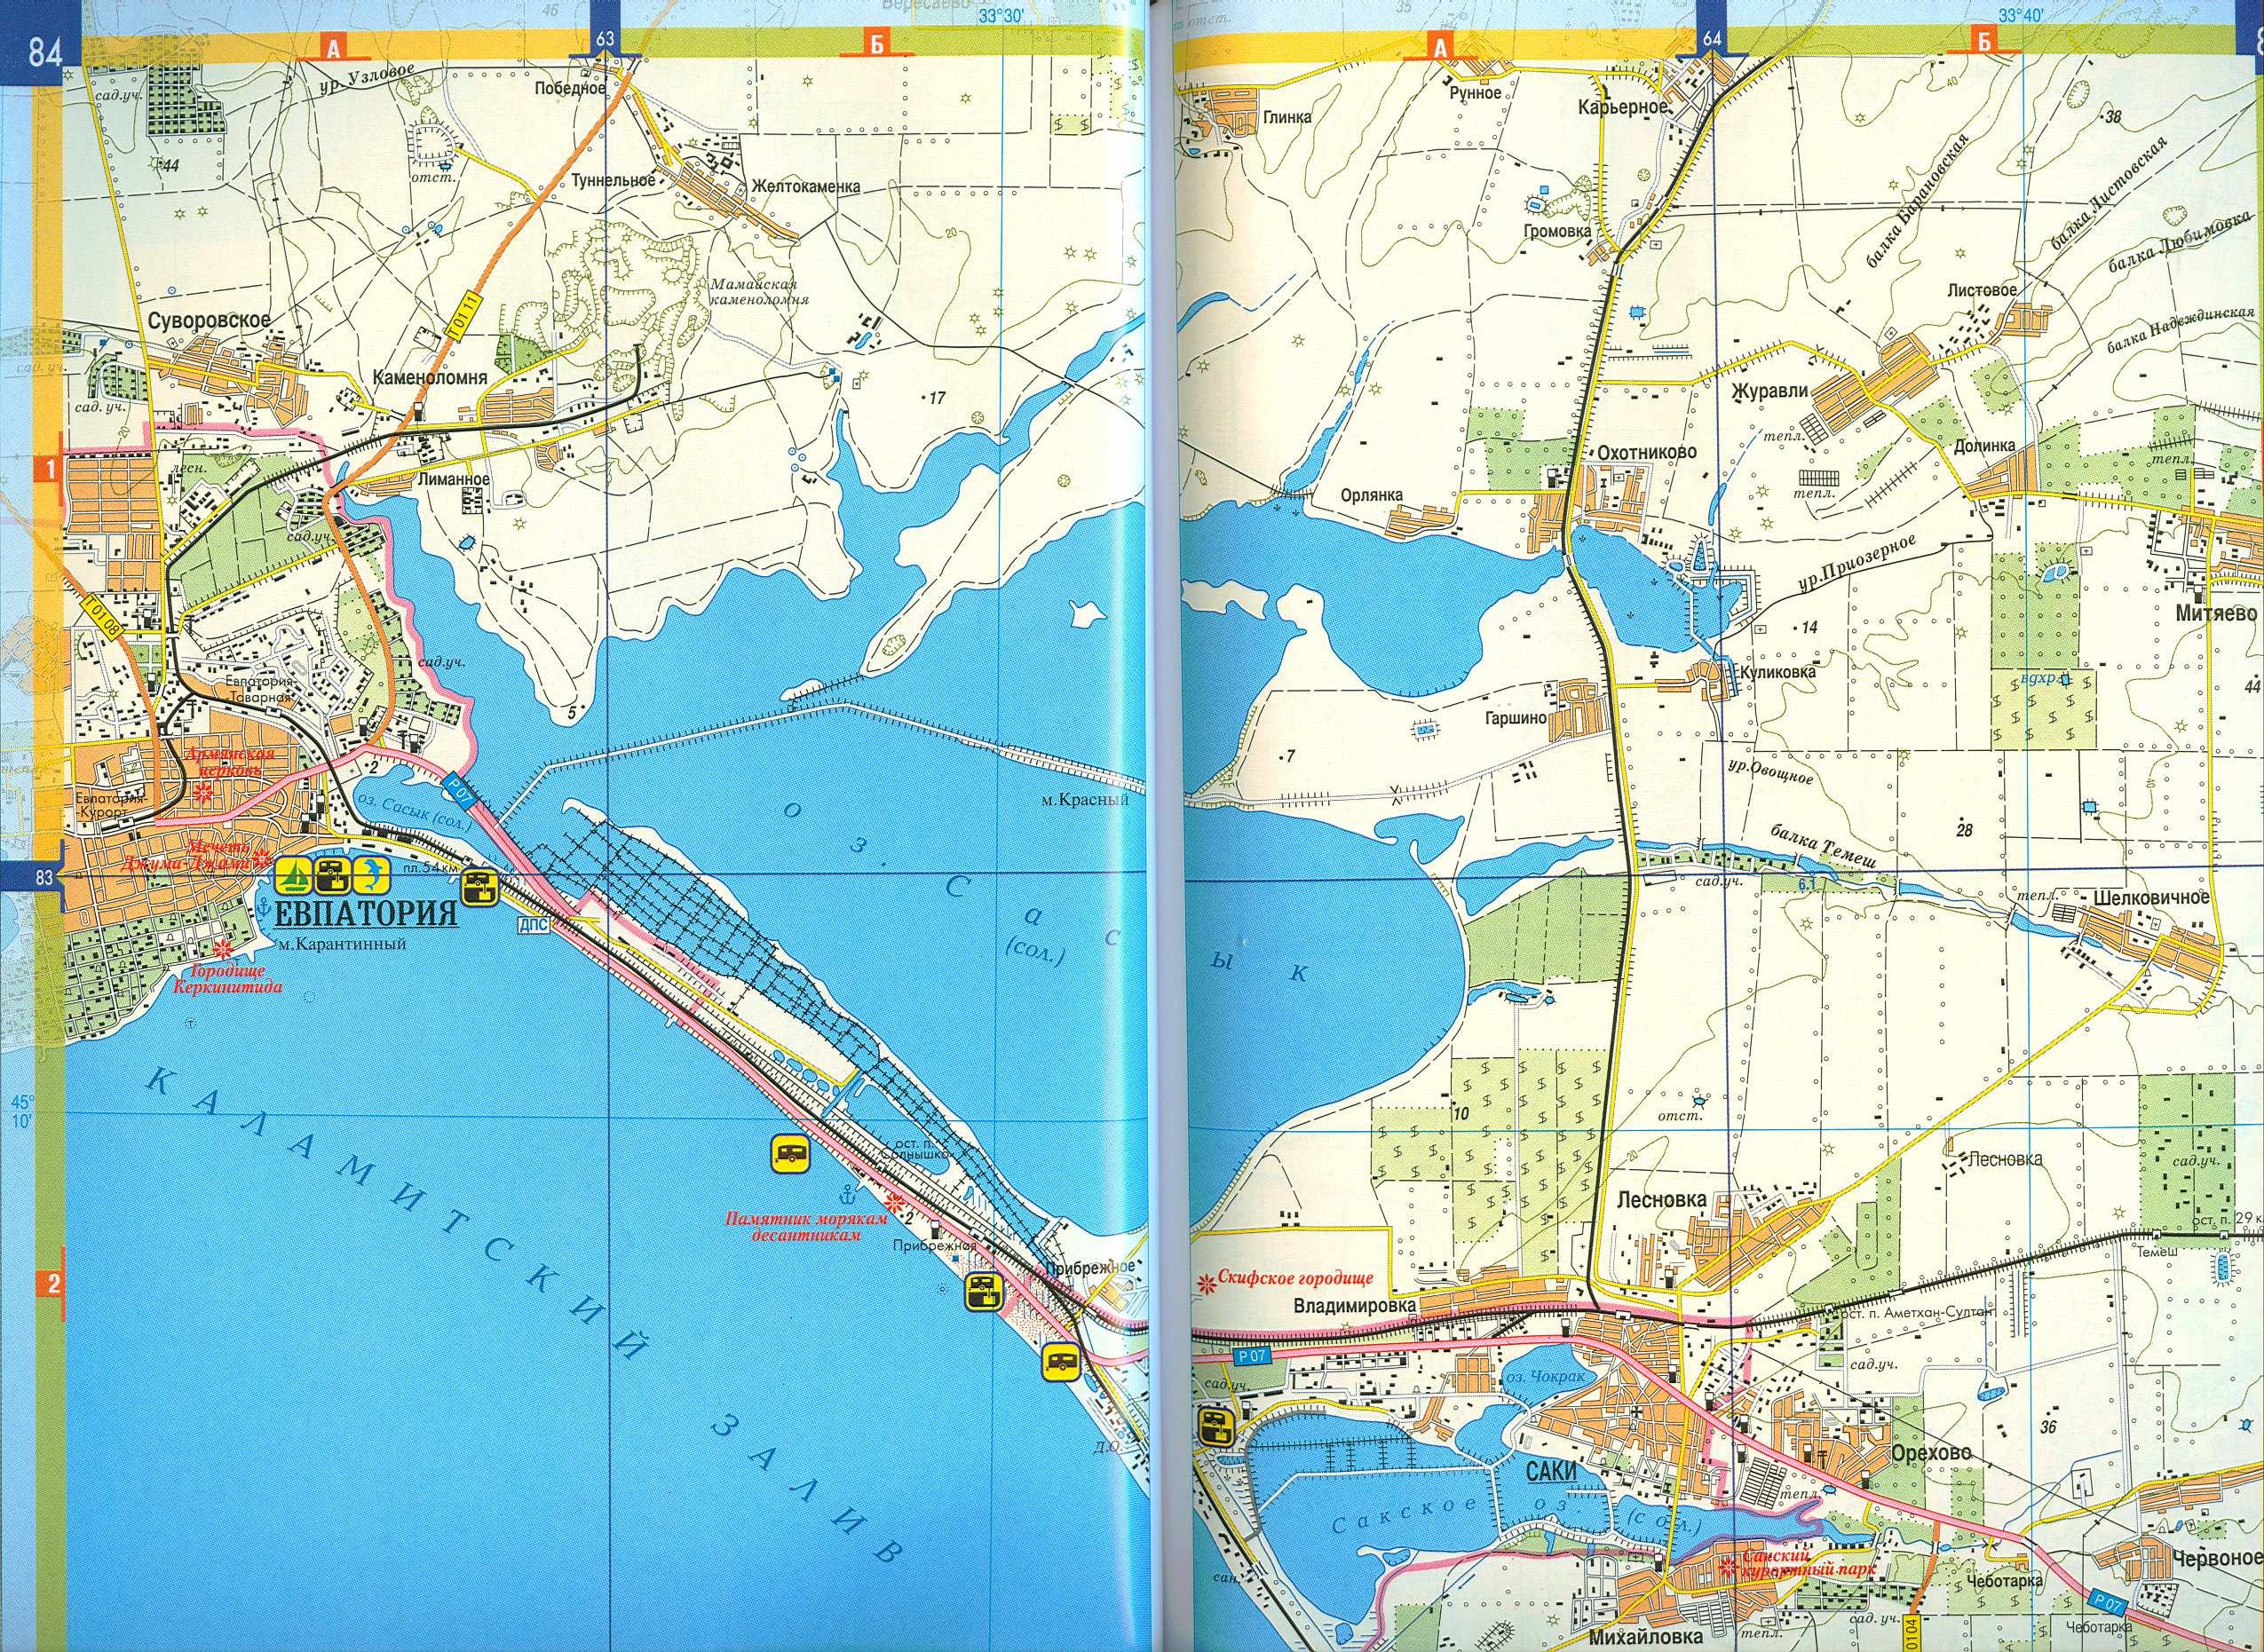 Крыма у г евпатория подробная карта